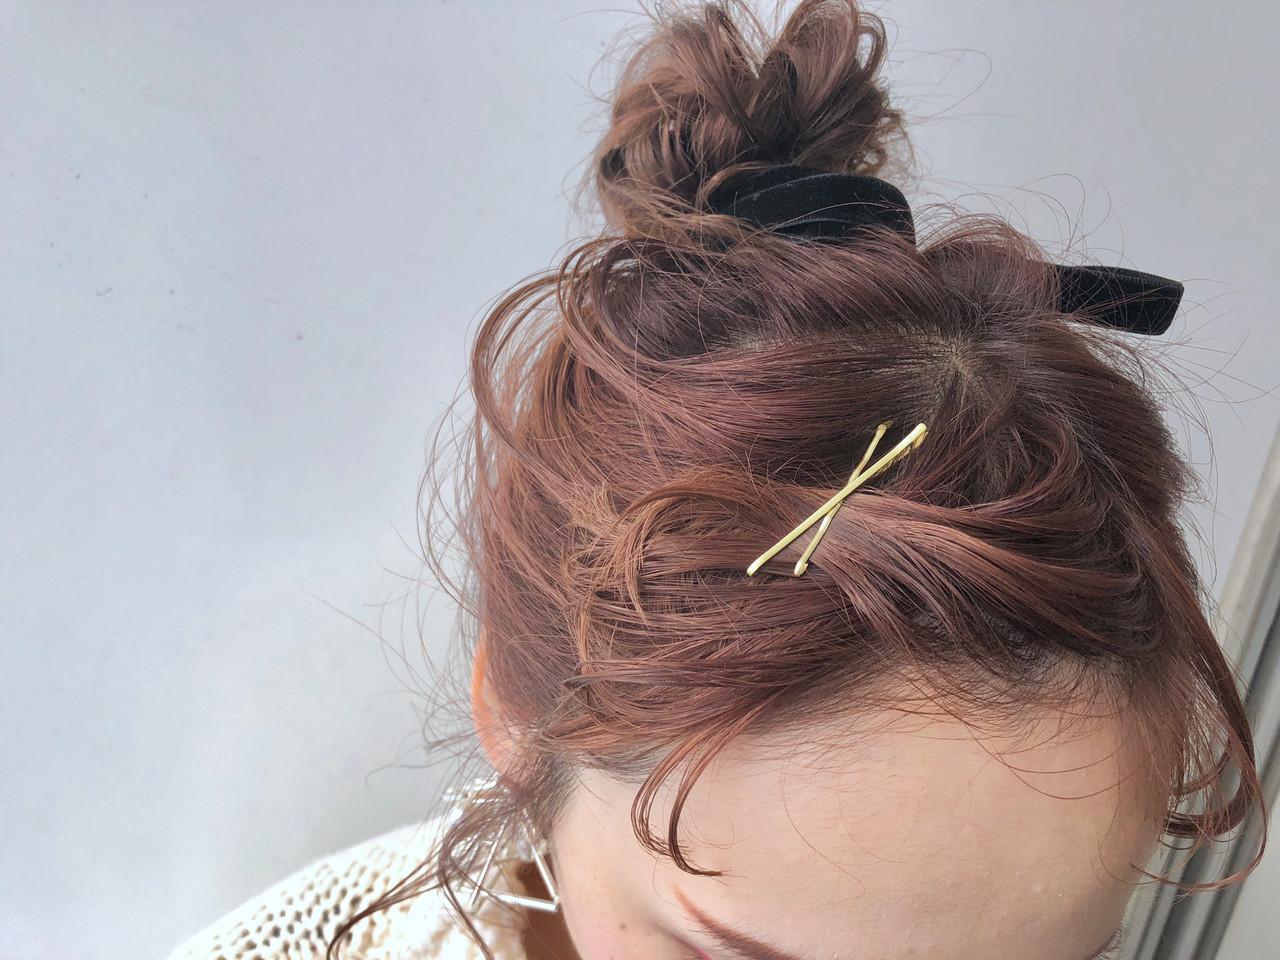 ねじって留める簡単前髪アップアレンジ takashi cawamura  HAIR & MAKE•UP TAXI